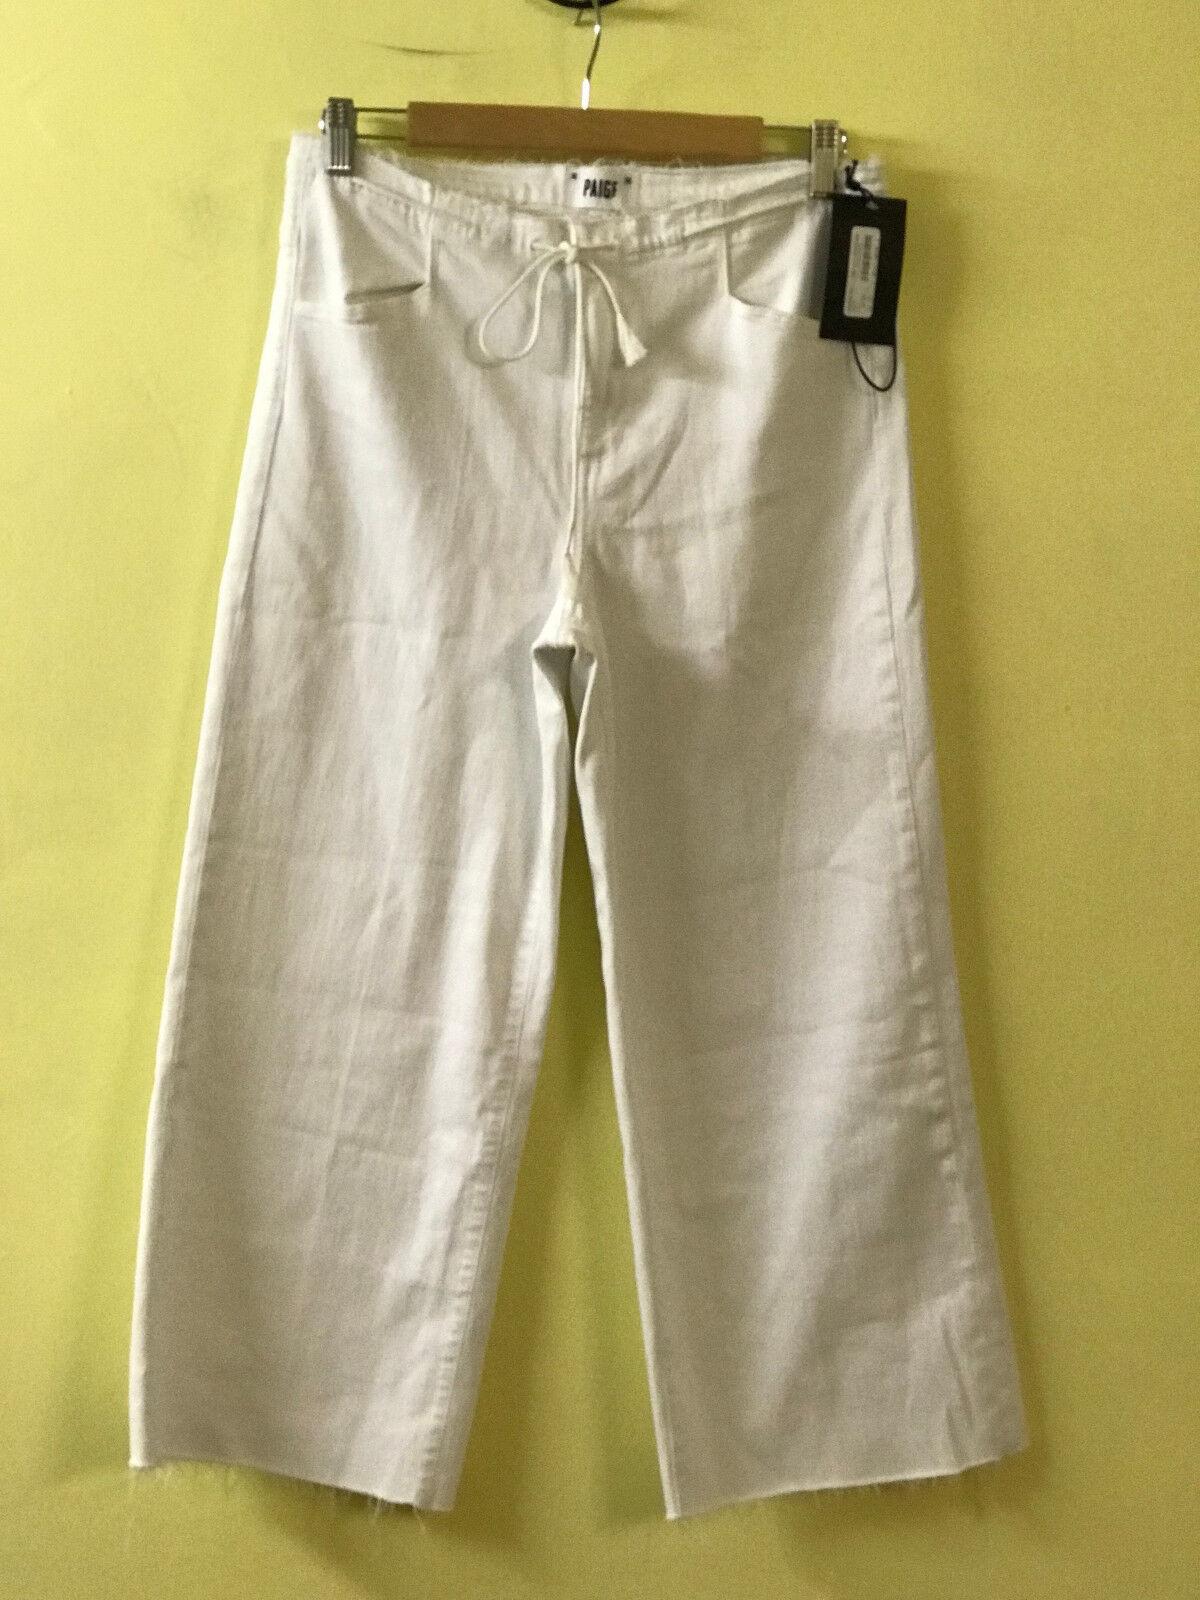 Paige Denim damen Lori Crop Drawstring  239 Jeans 3585B58-OWT  Optic Weiß  27.